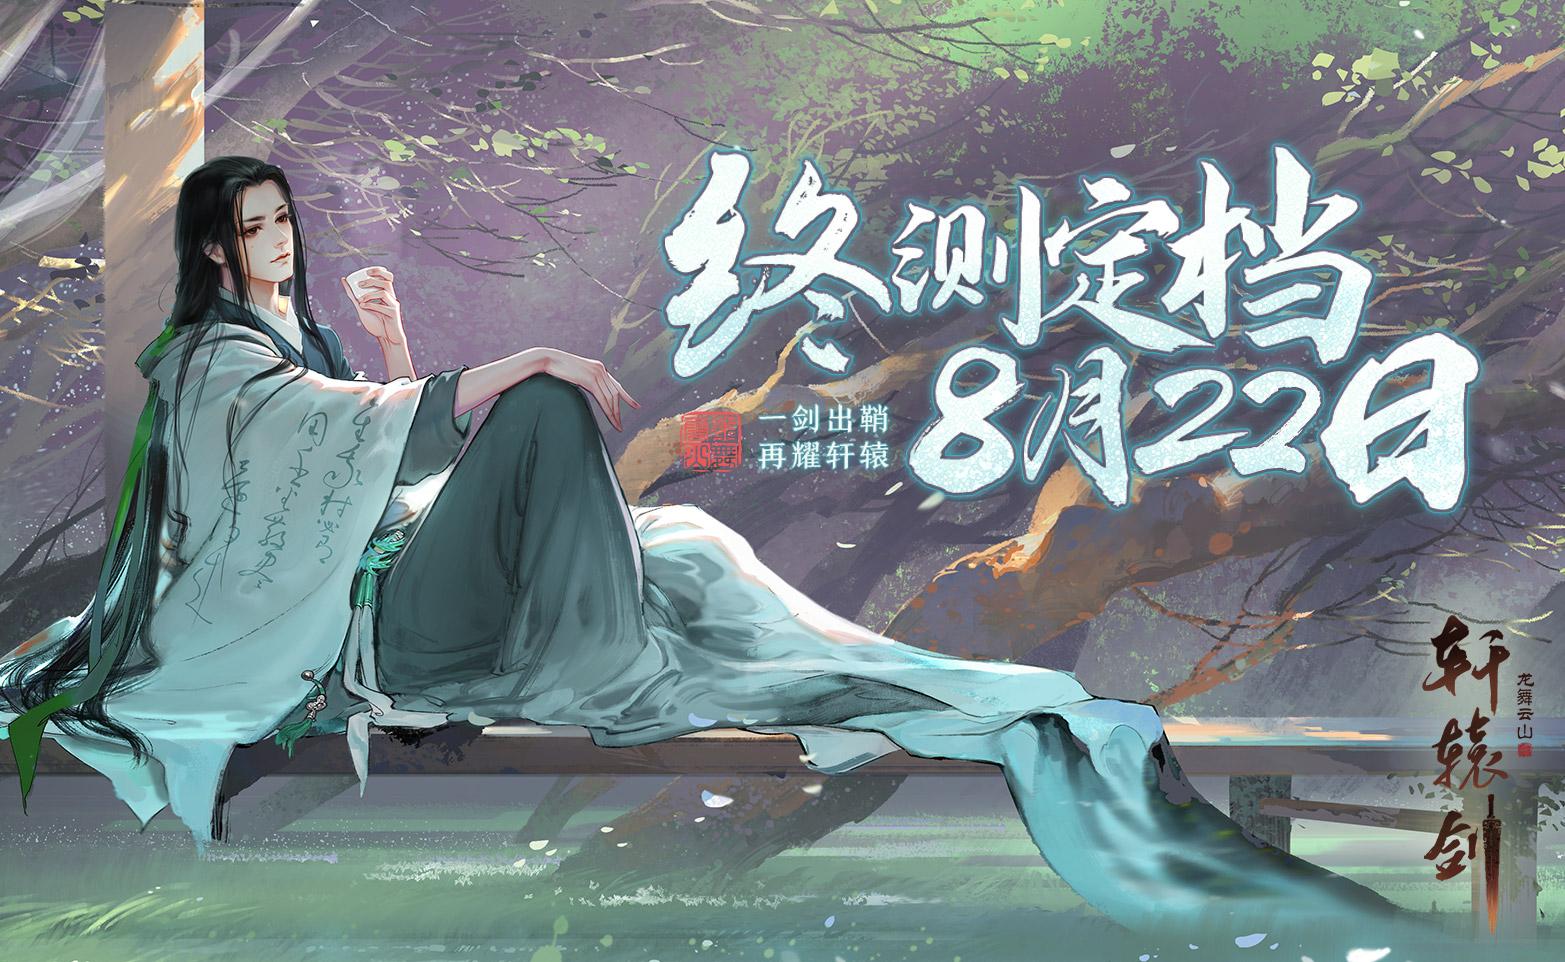 轩辕剑龙舞云山终测定档8月22日